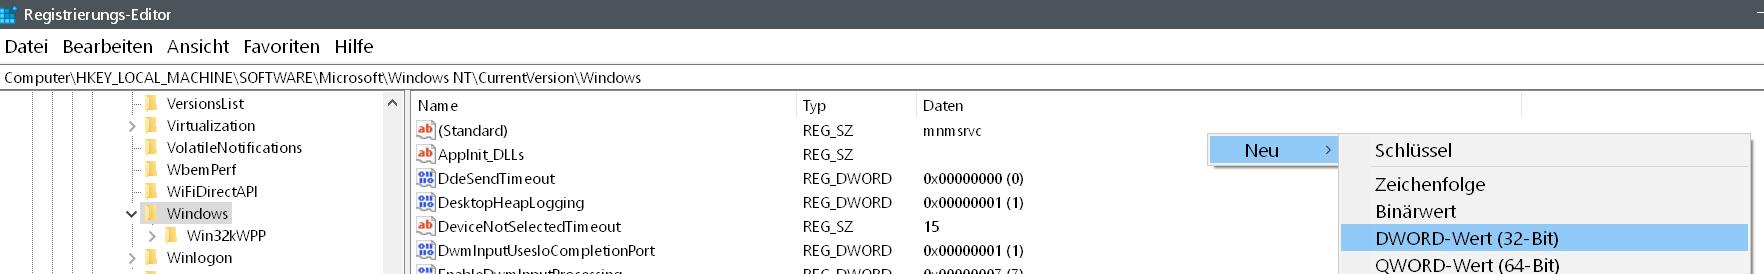 dword neu - Windows Version auf dem Desktop anzeigen